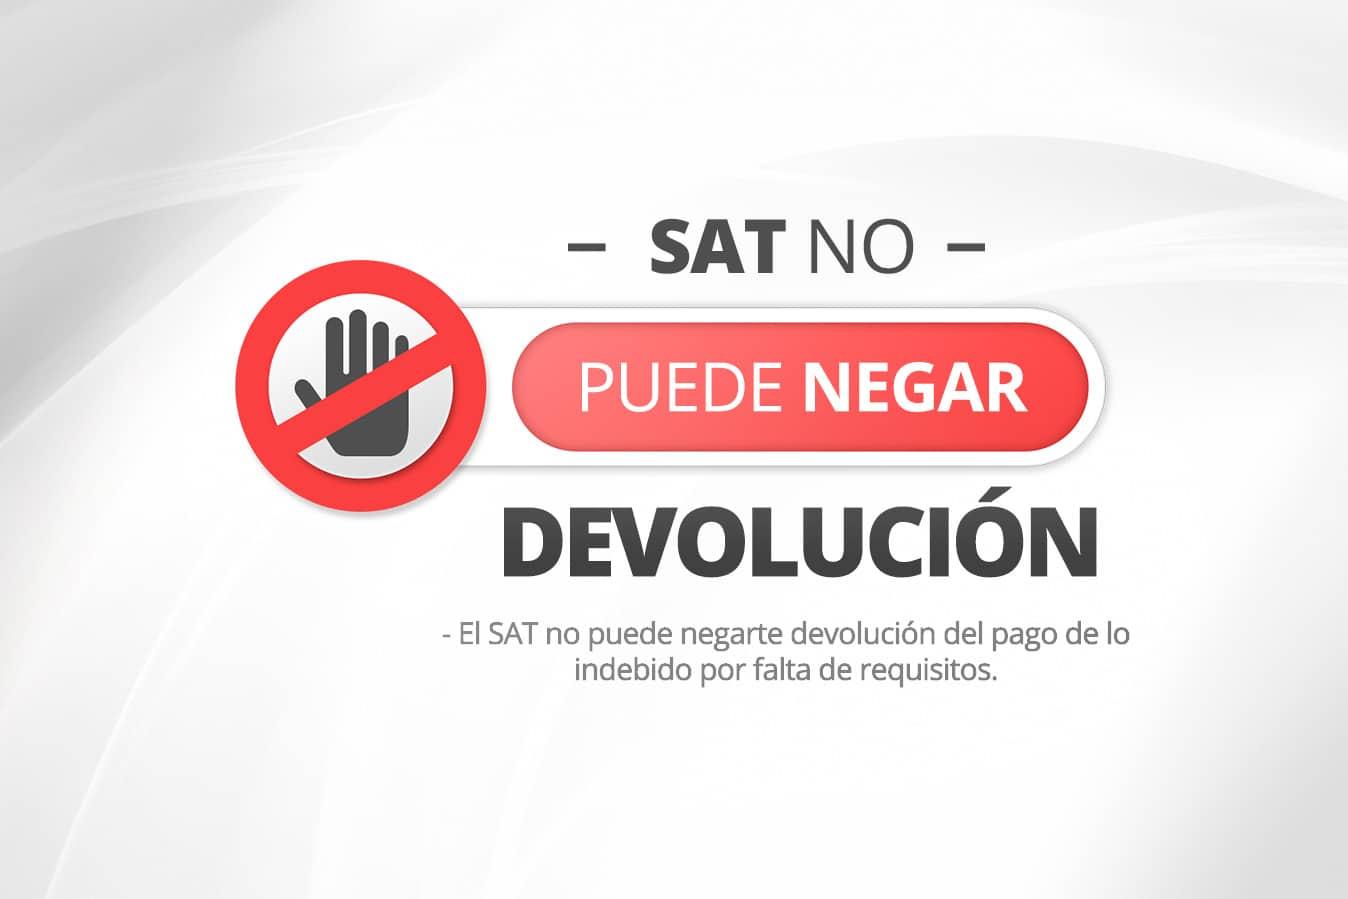 El SAT no puede negarte beneficio de devolución del pago de lo indebido por falta de requisitos